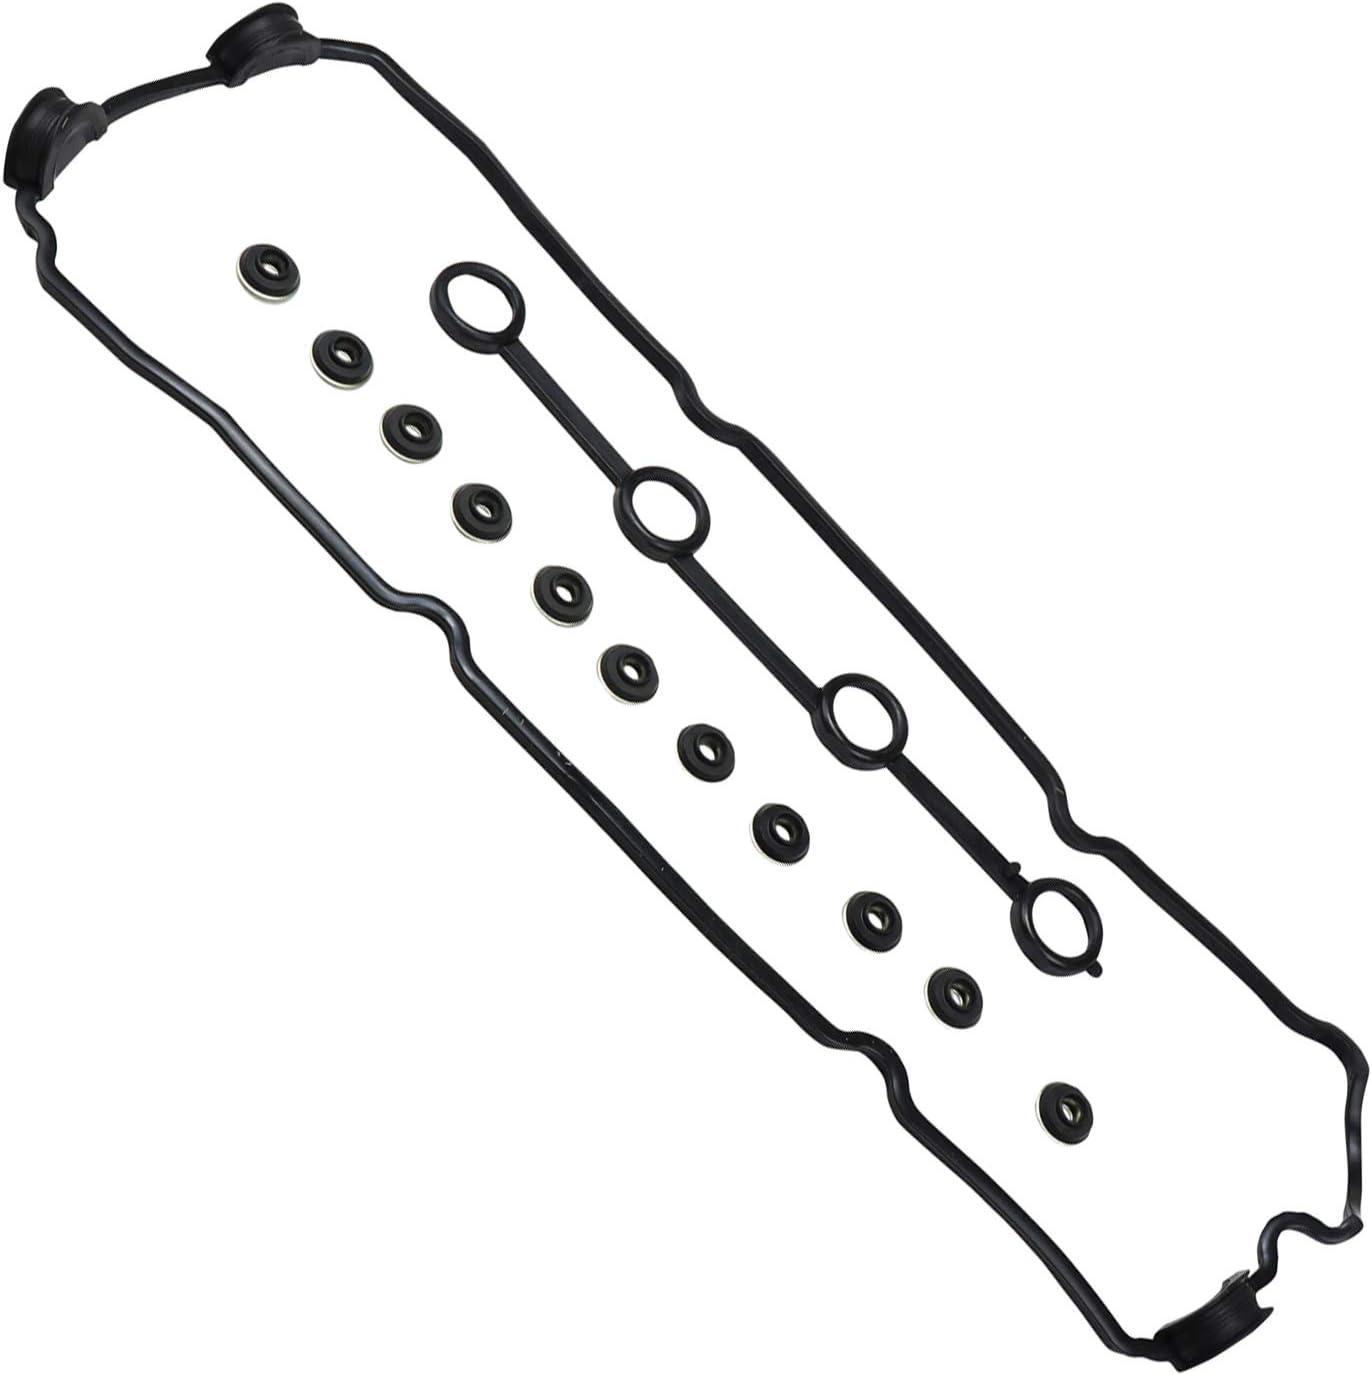 Beck Arnley 036-1578 Valve Cover Gasket Set